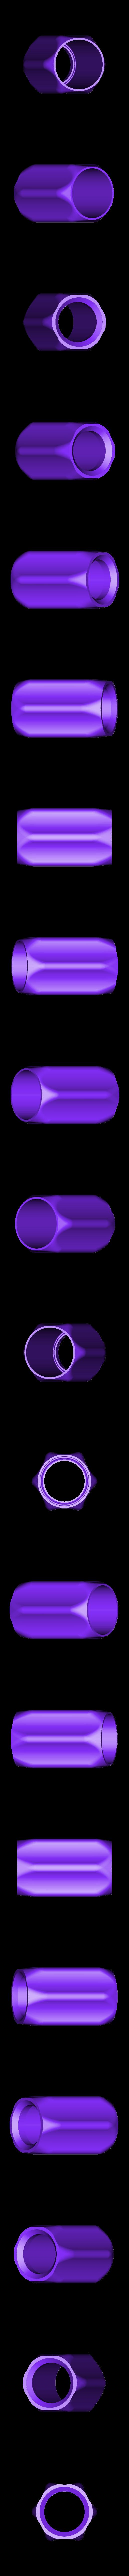 Wow_stick_grip_-_V2.stl Télécharger fichier STL gratuit Grip confort Wowstick ET protection contre les arêtes vives • Modèle pour impression 3D, petclaud